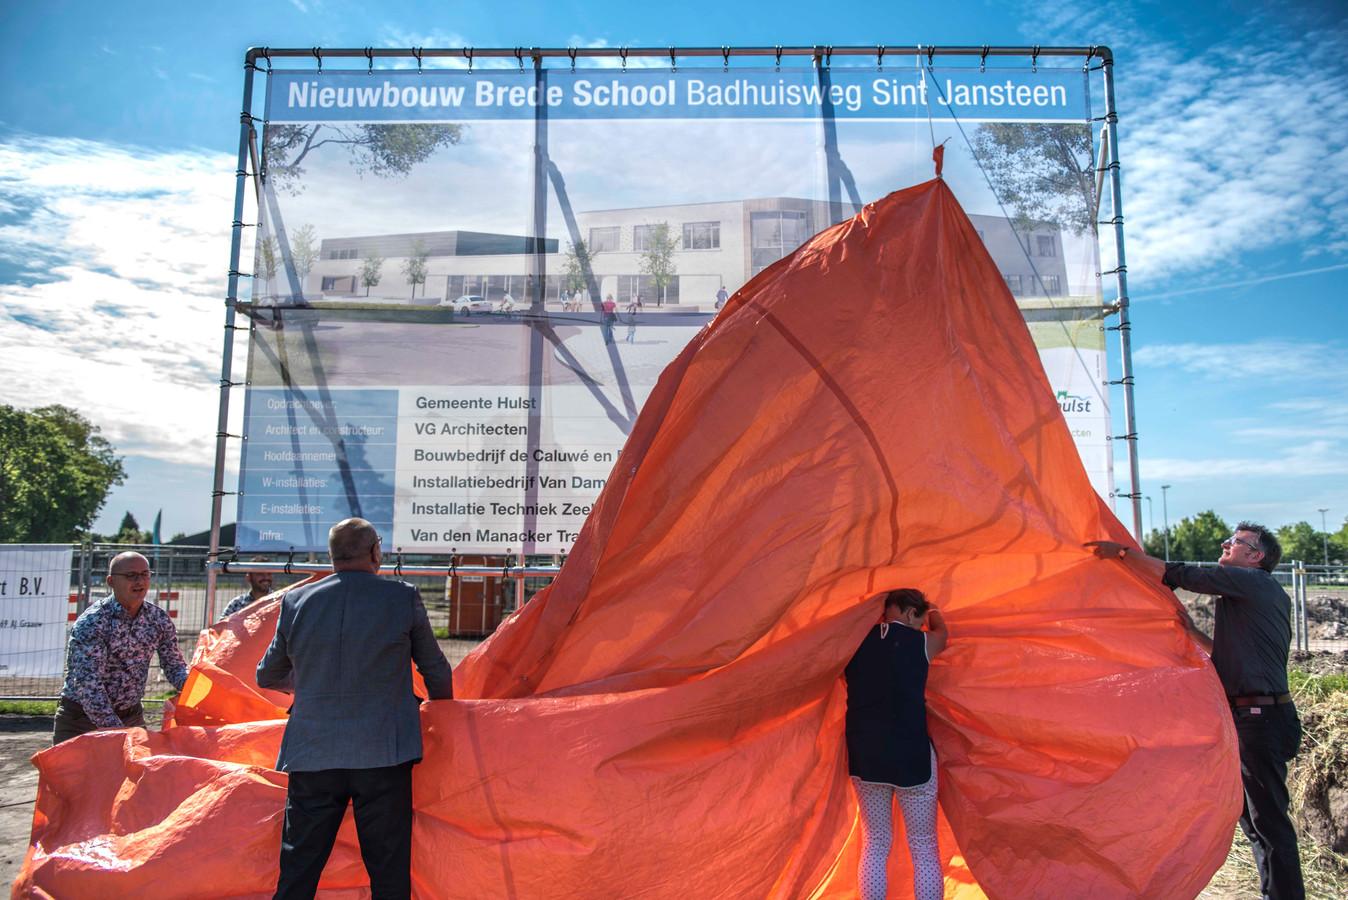 Hulst investeerde fors in nieuwe brede school in Sint-Jansteen, archieffoto start bouw.